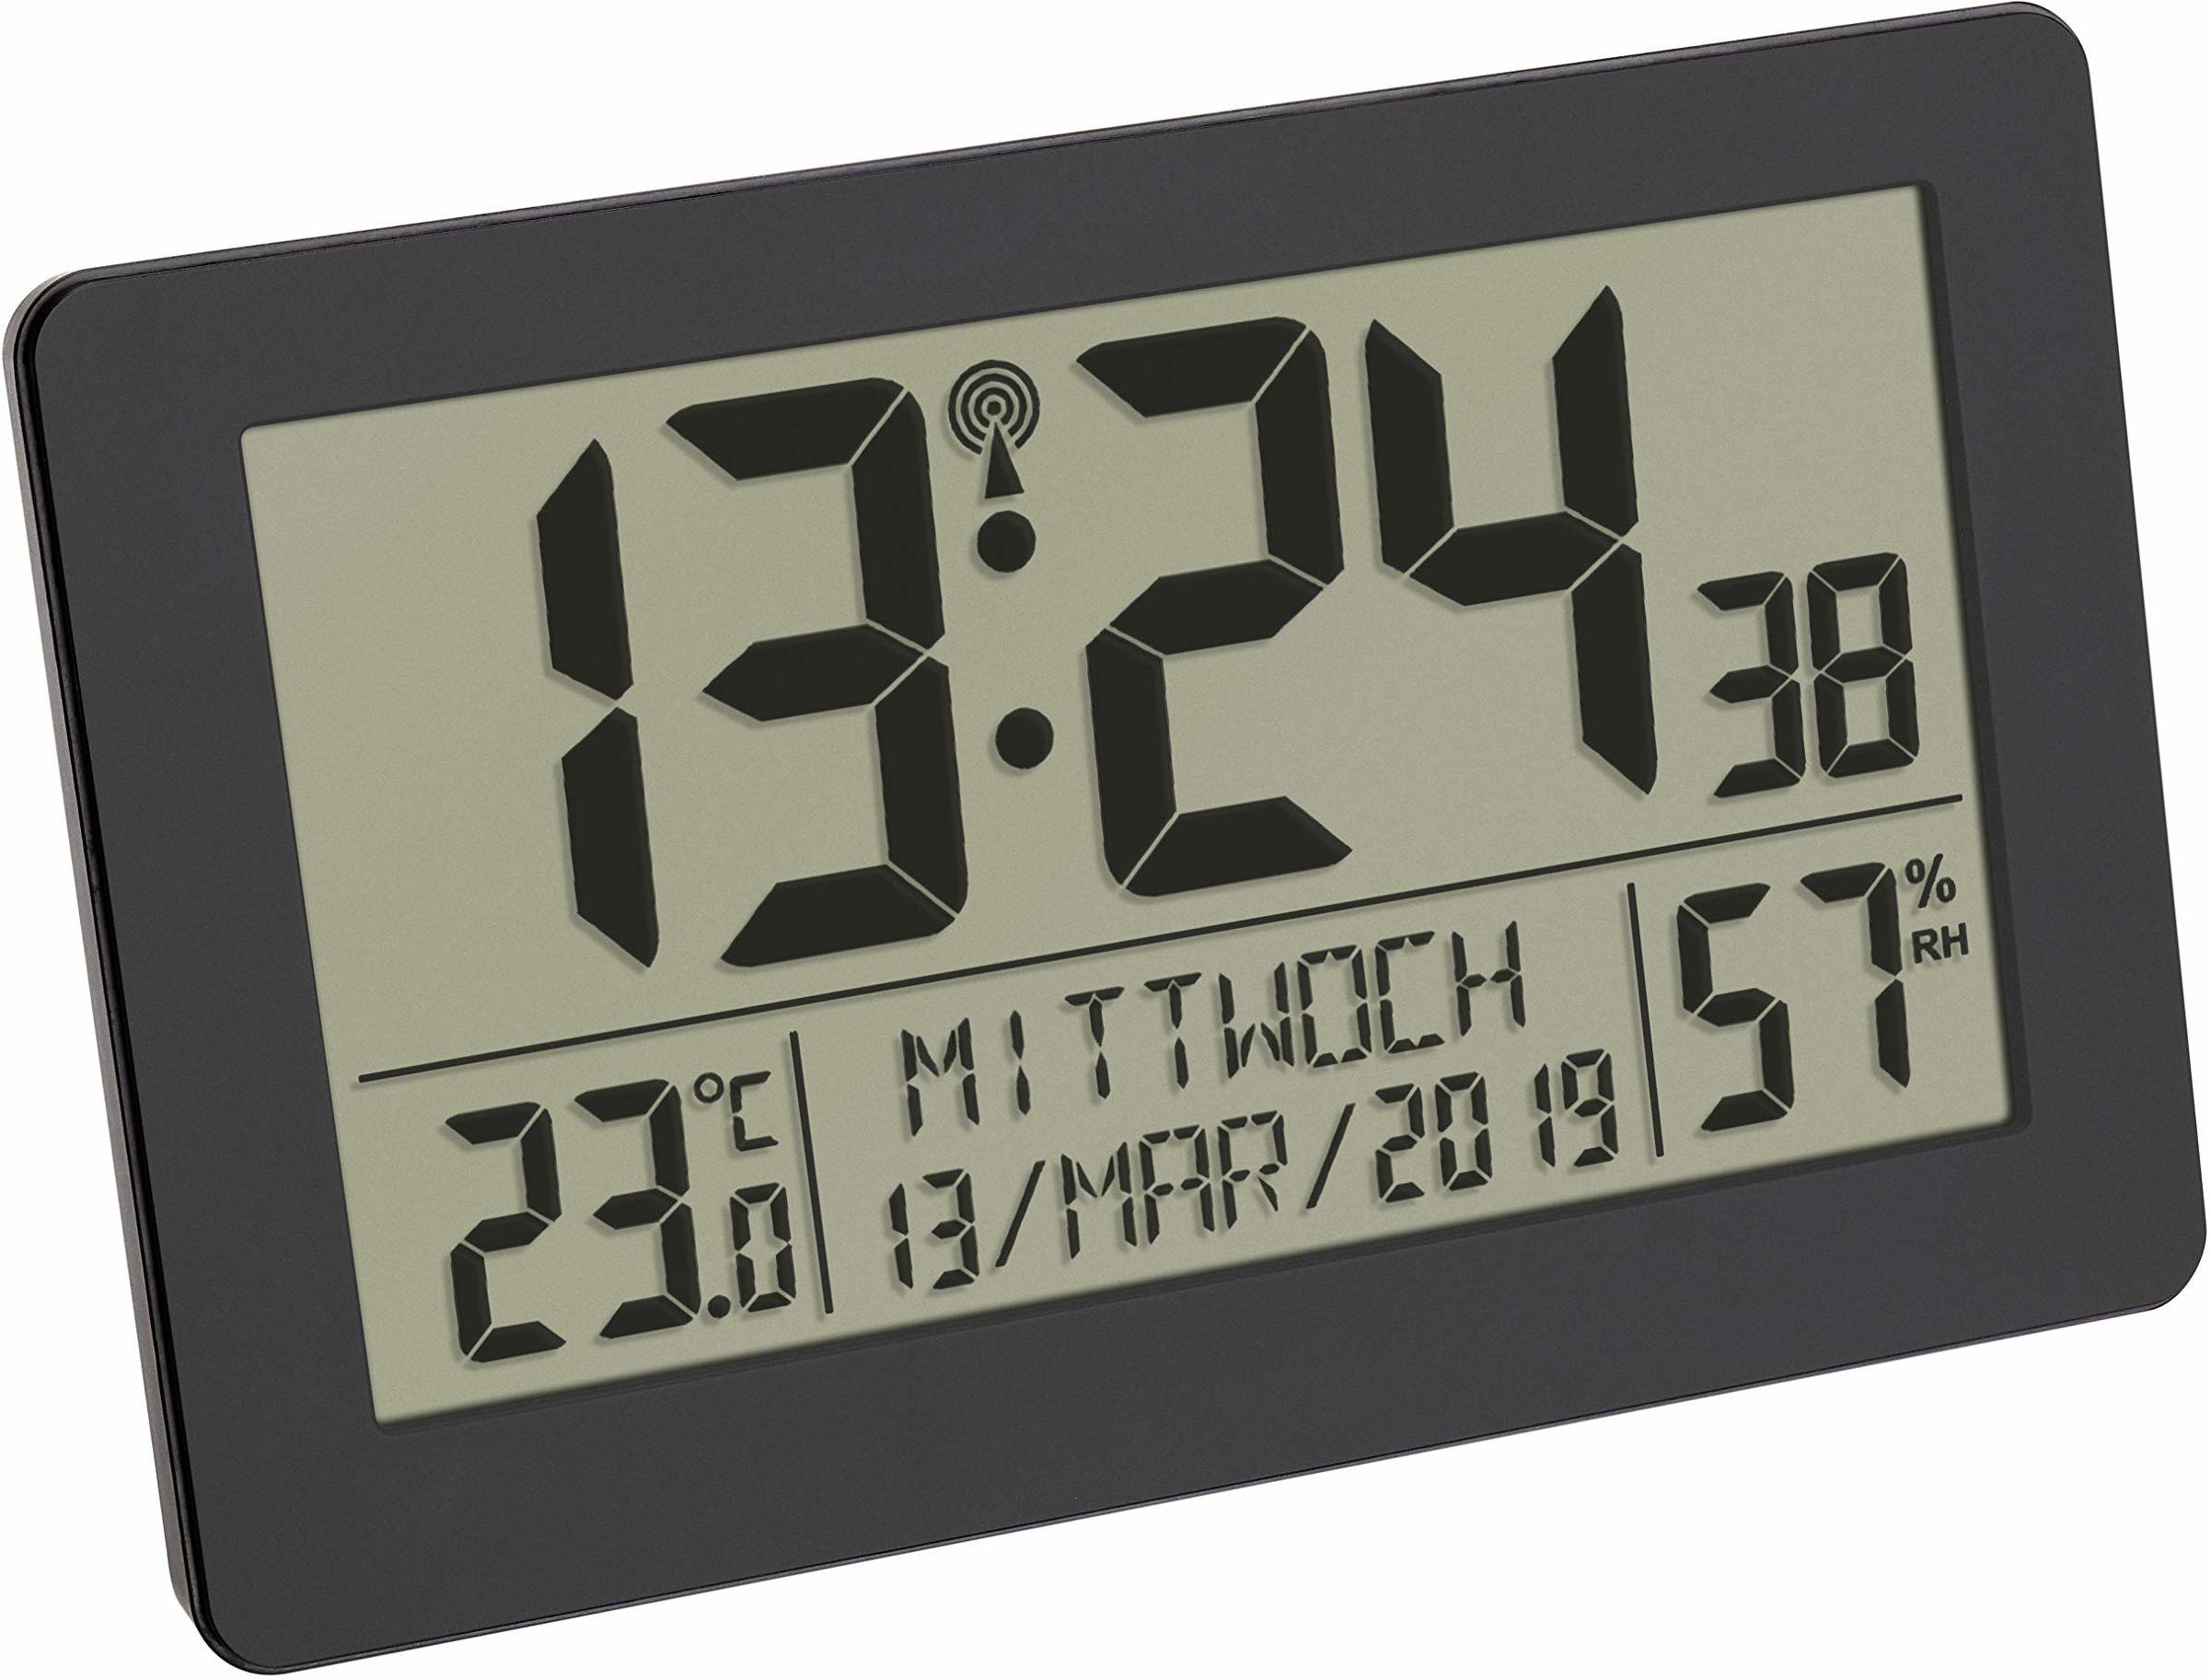 TFA Dostmann Cyfrowy radiowy zegar ścienny, duży wyświetlacz, ze wskaźnikiem temperatury, data, dni tygodnia, tworzywo sztuczne, dł. 215 x szer. 40 x wys. 170 mm